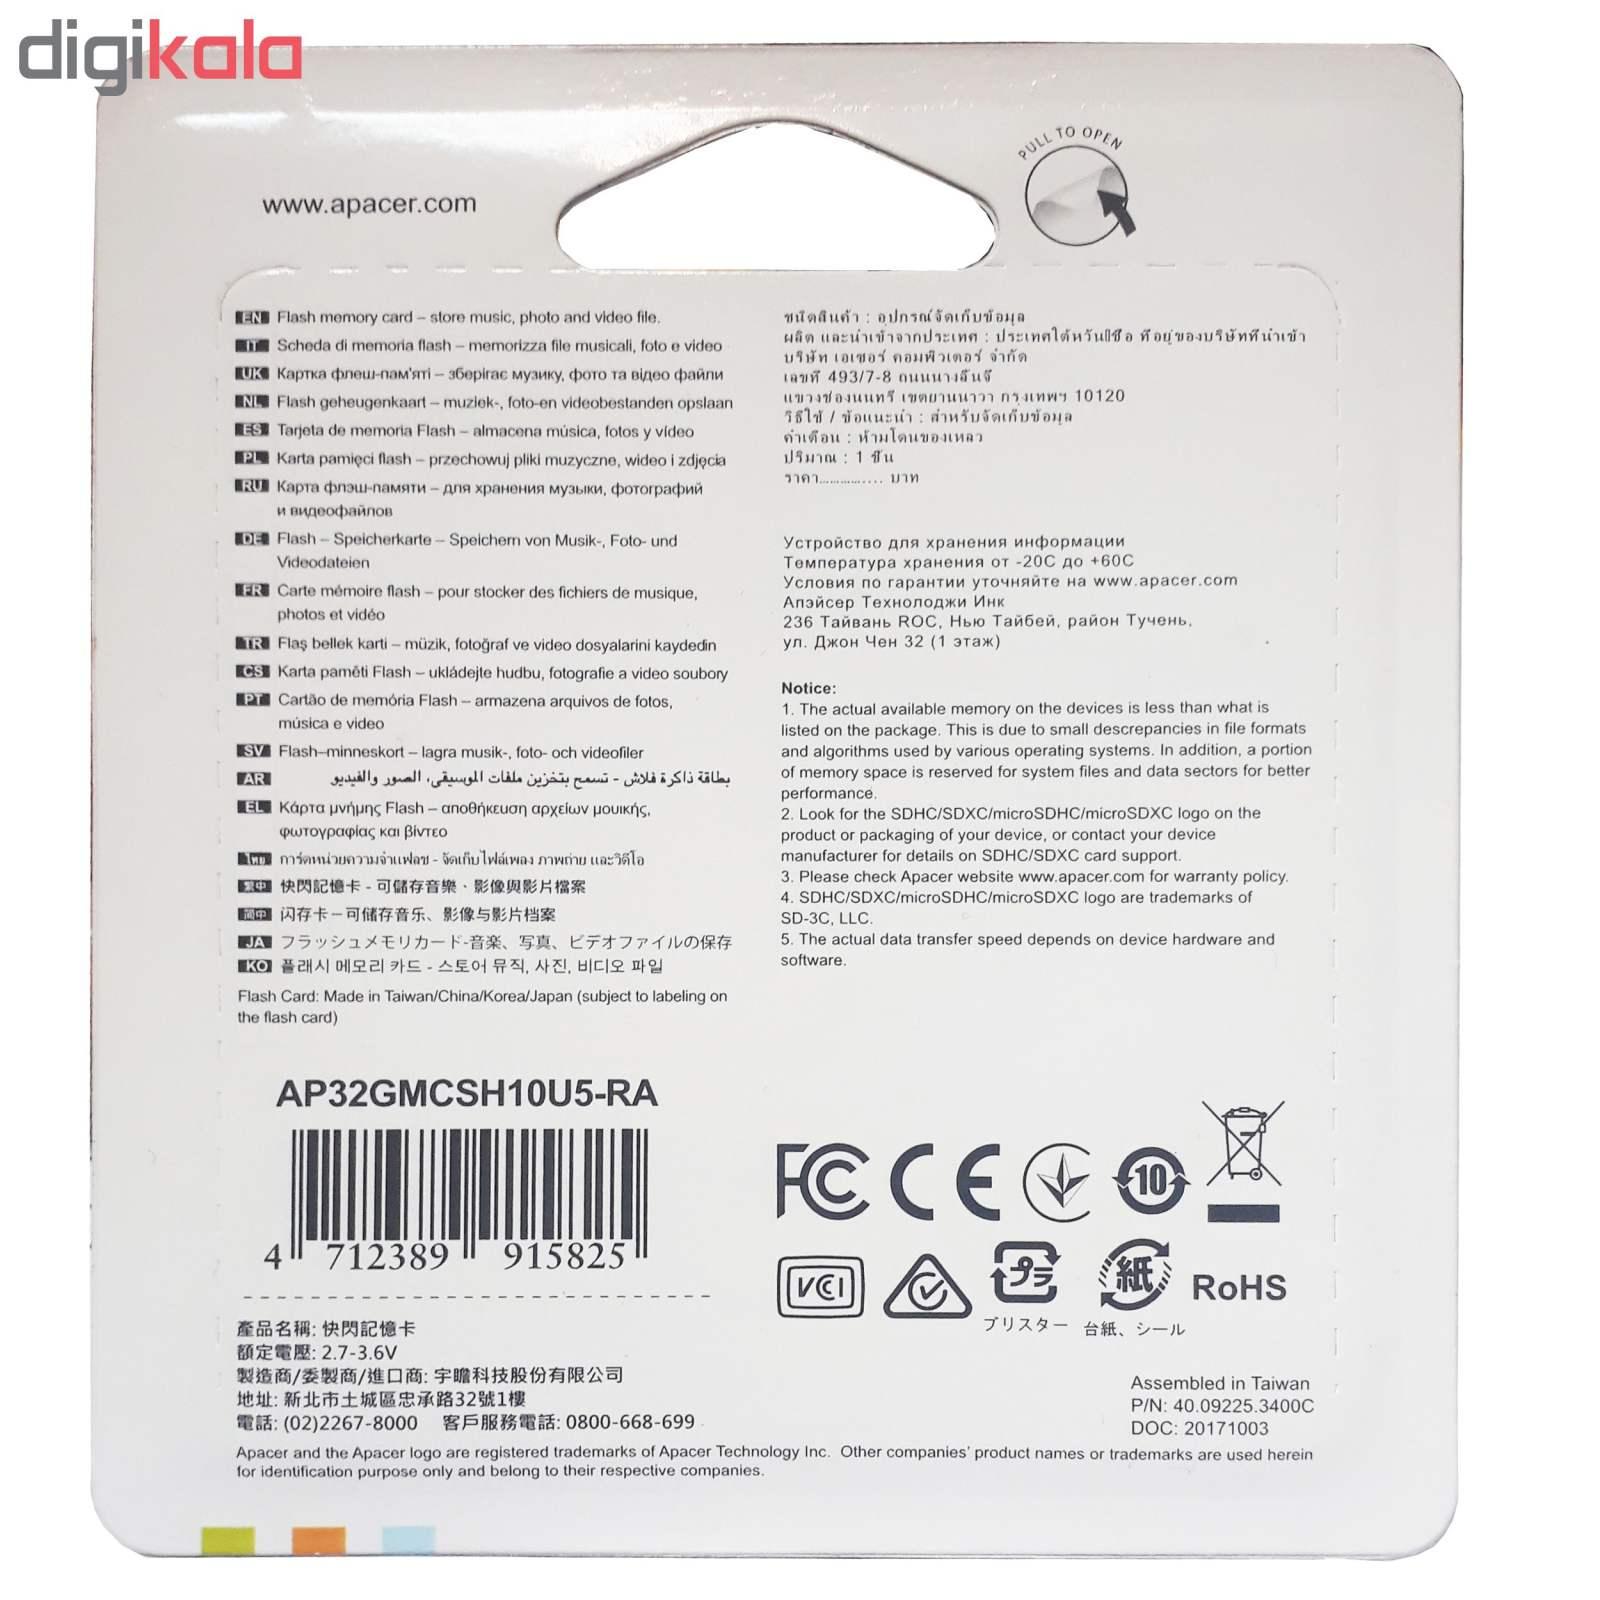 کارت حافظه microSDHC اپیسر مدل AP32G کلاس 10 استاندارد  UHS-I U1 سرعت 85MBps ظرفیت 32 گیگابایت main 1 2